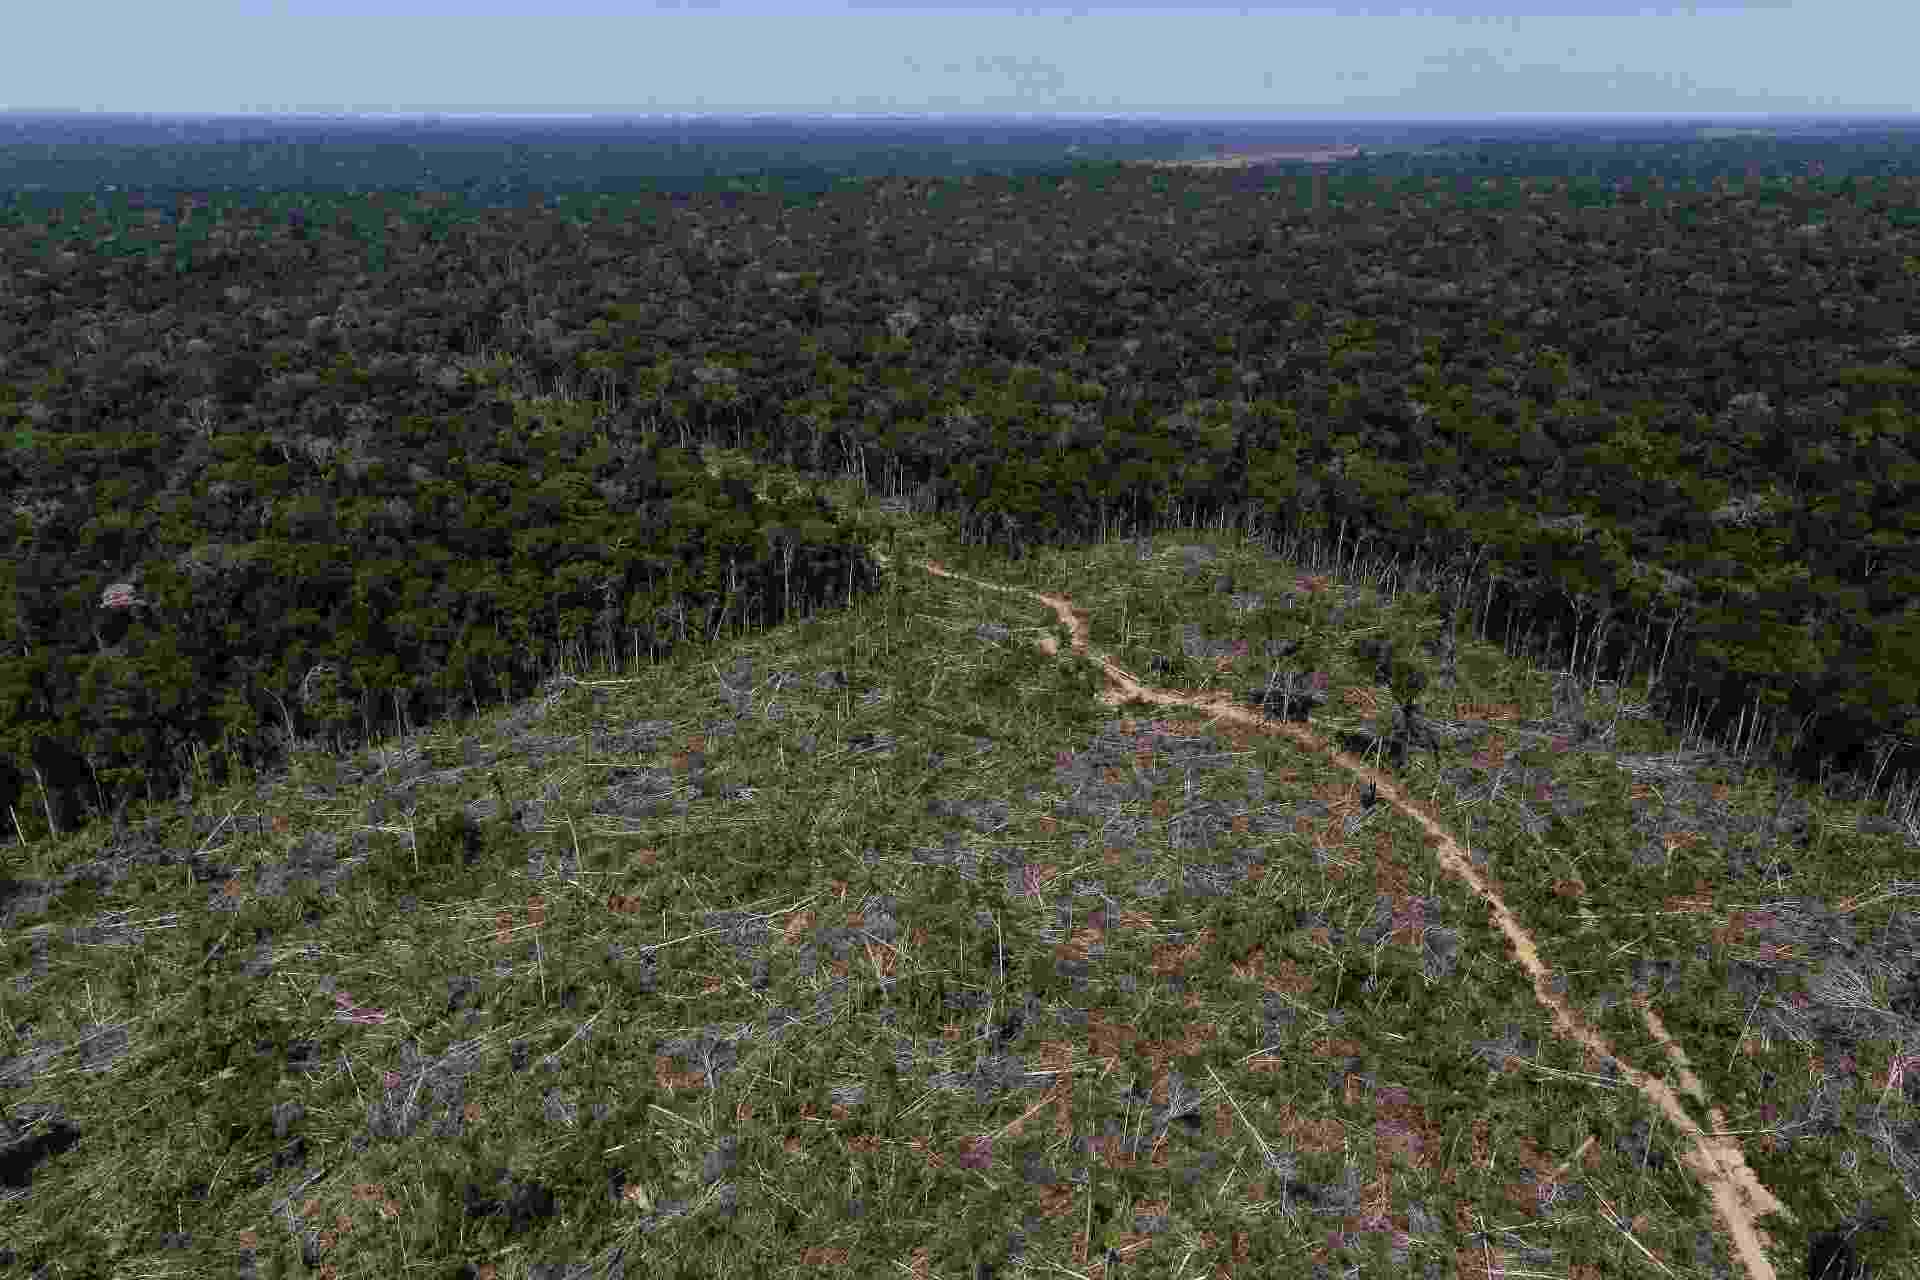 Área de desmatamento em Apuí (AM) é registrada em imagem aérea durante 'Operação Área Verde', realizada pelo Ibama - Bruno Kelly/Reuters